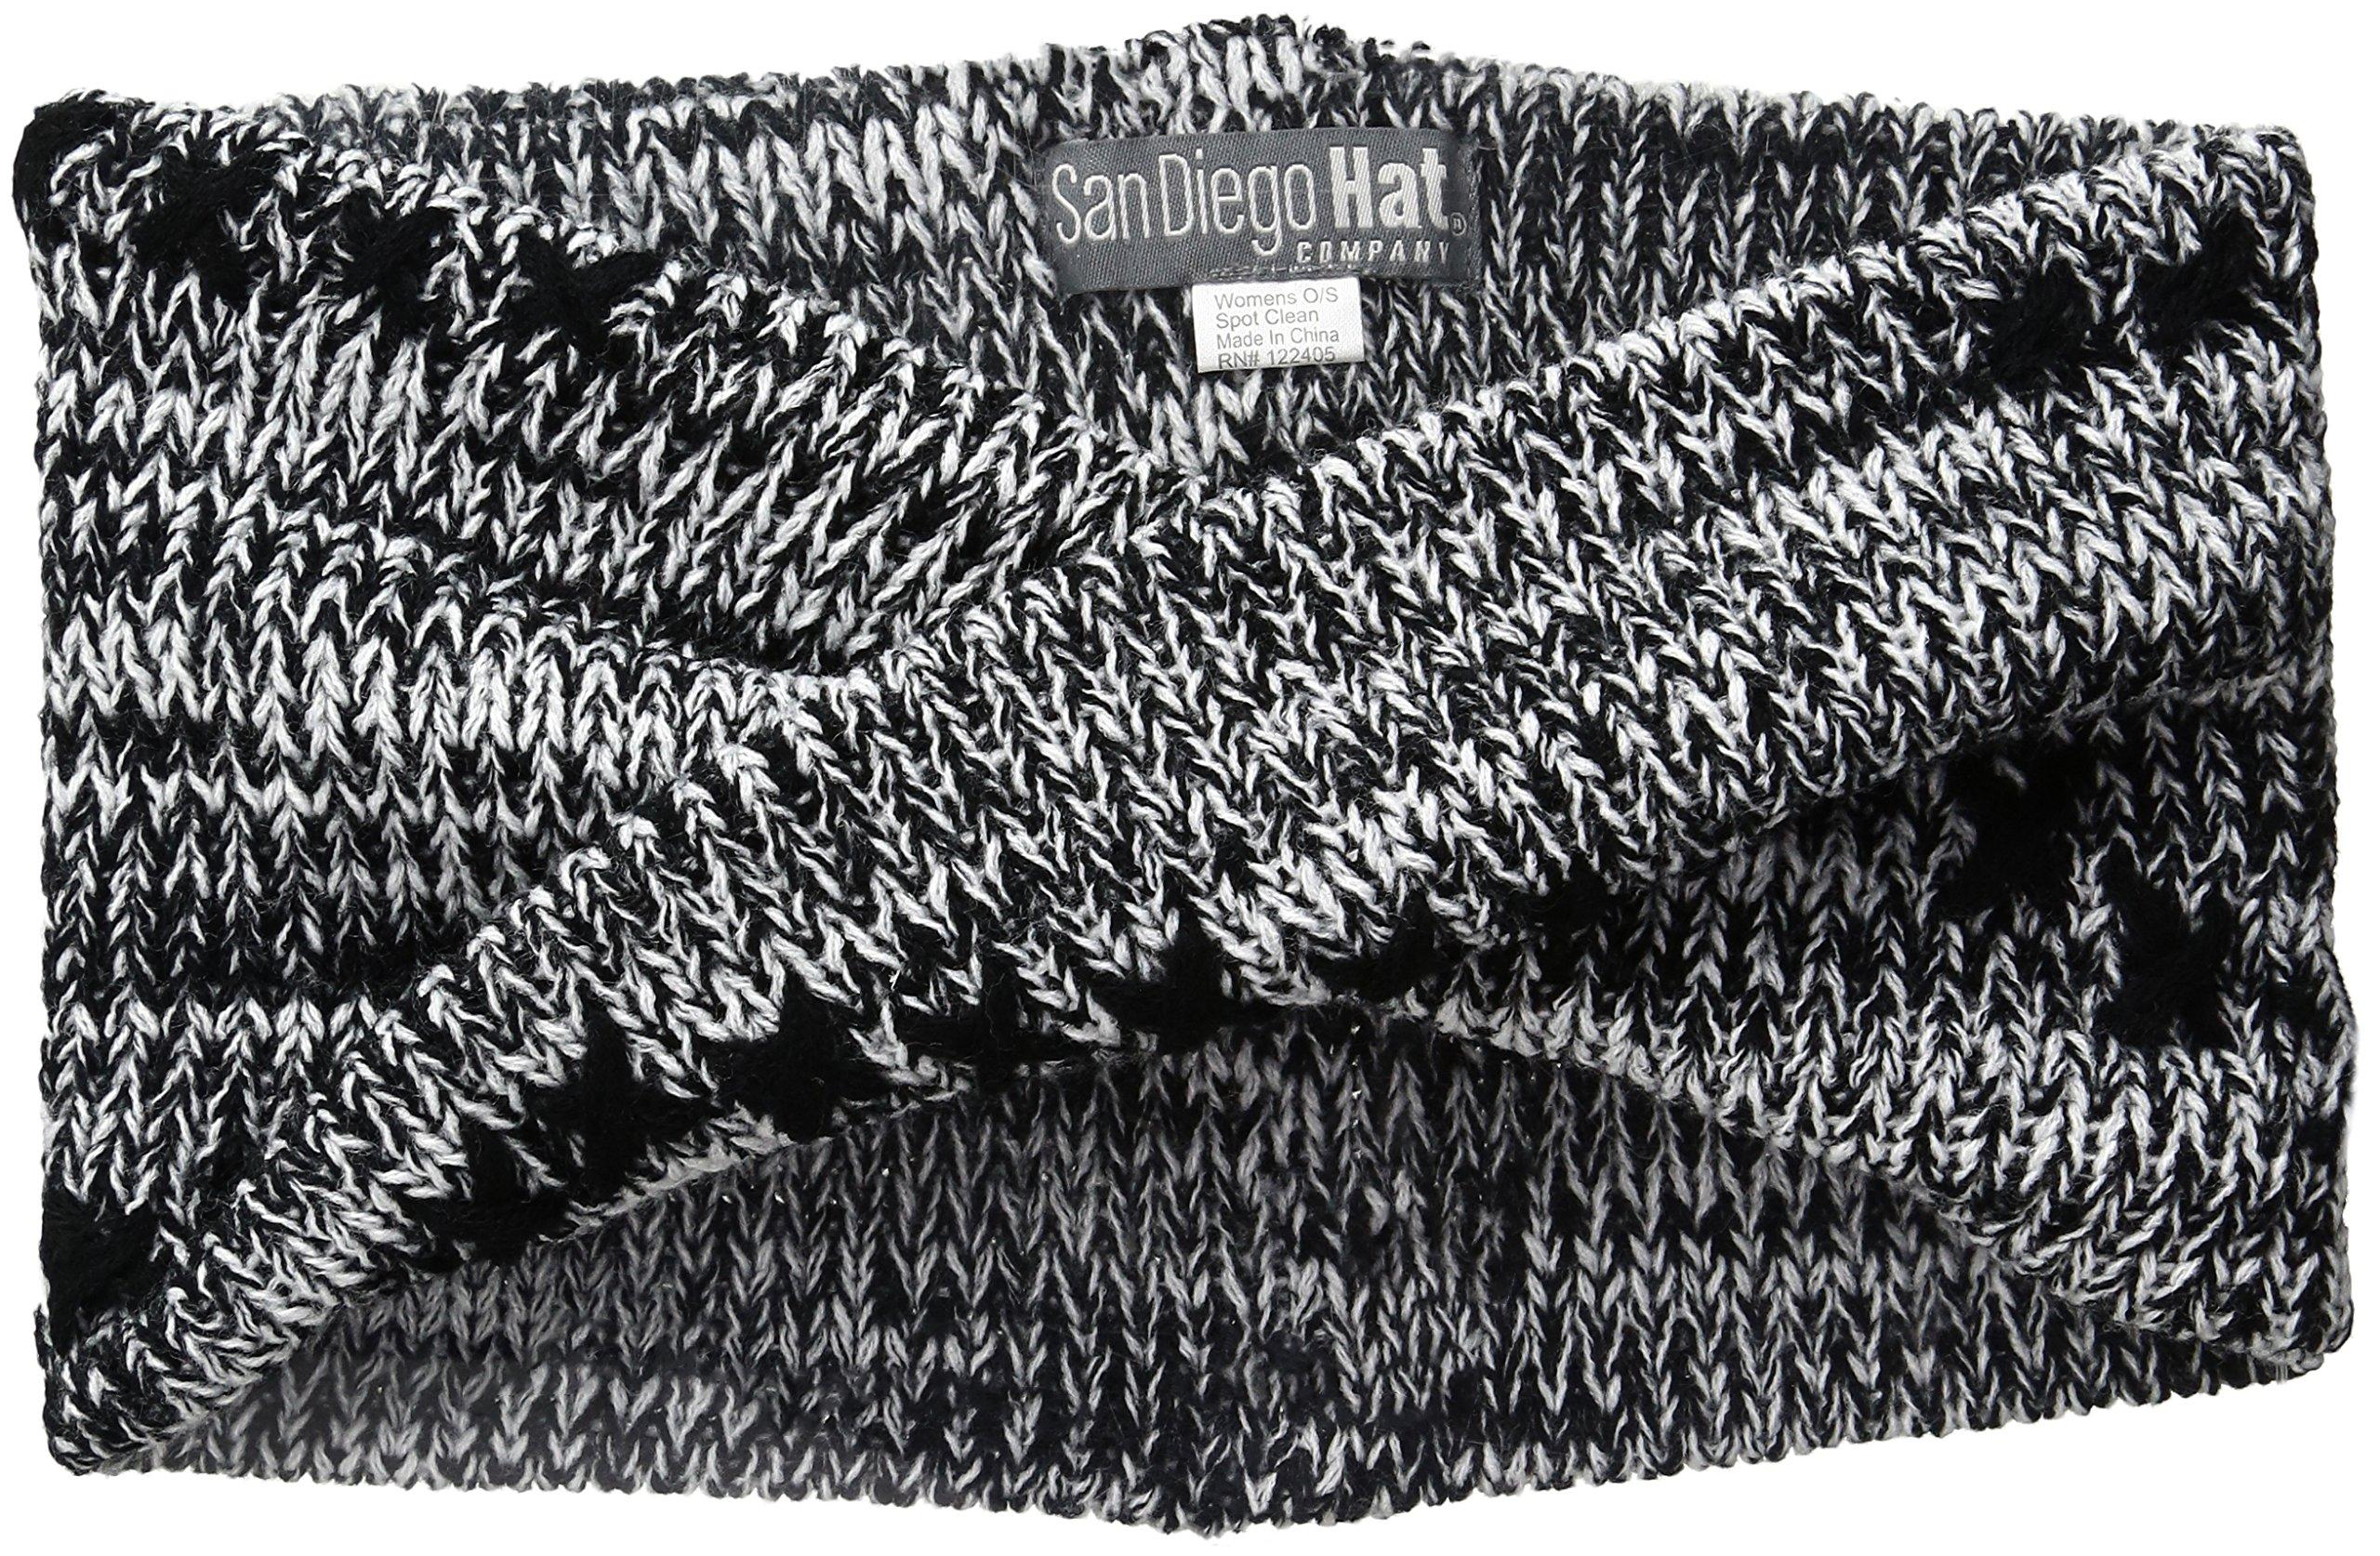 San Diego Hat Company Women's Oversized Twist Knit Headband with Stitch Detail, Black, One Size